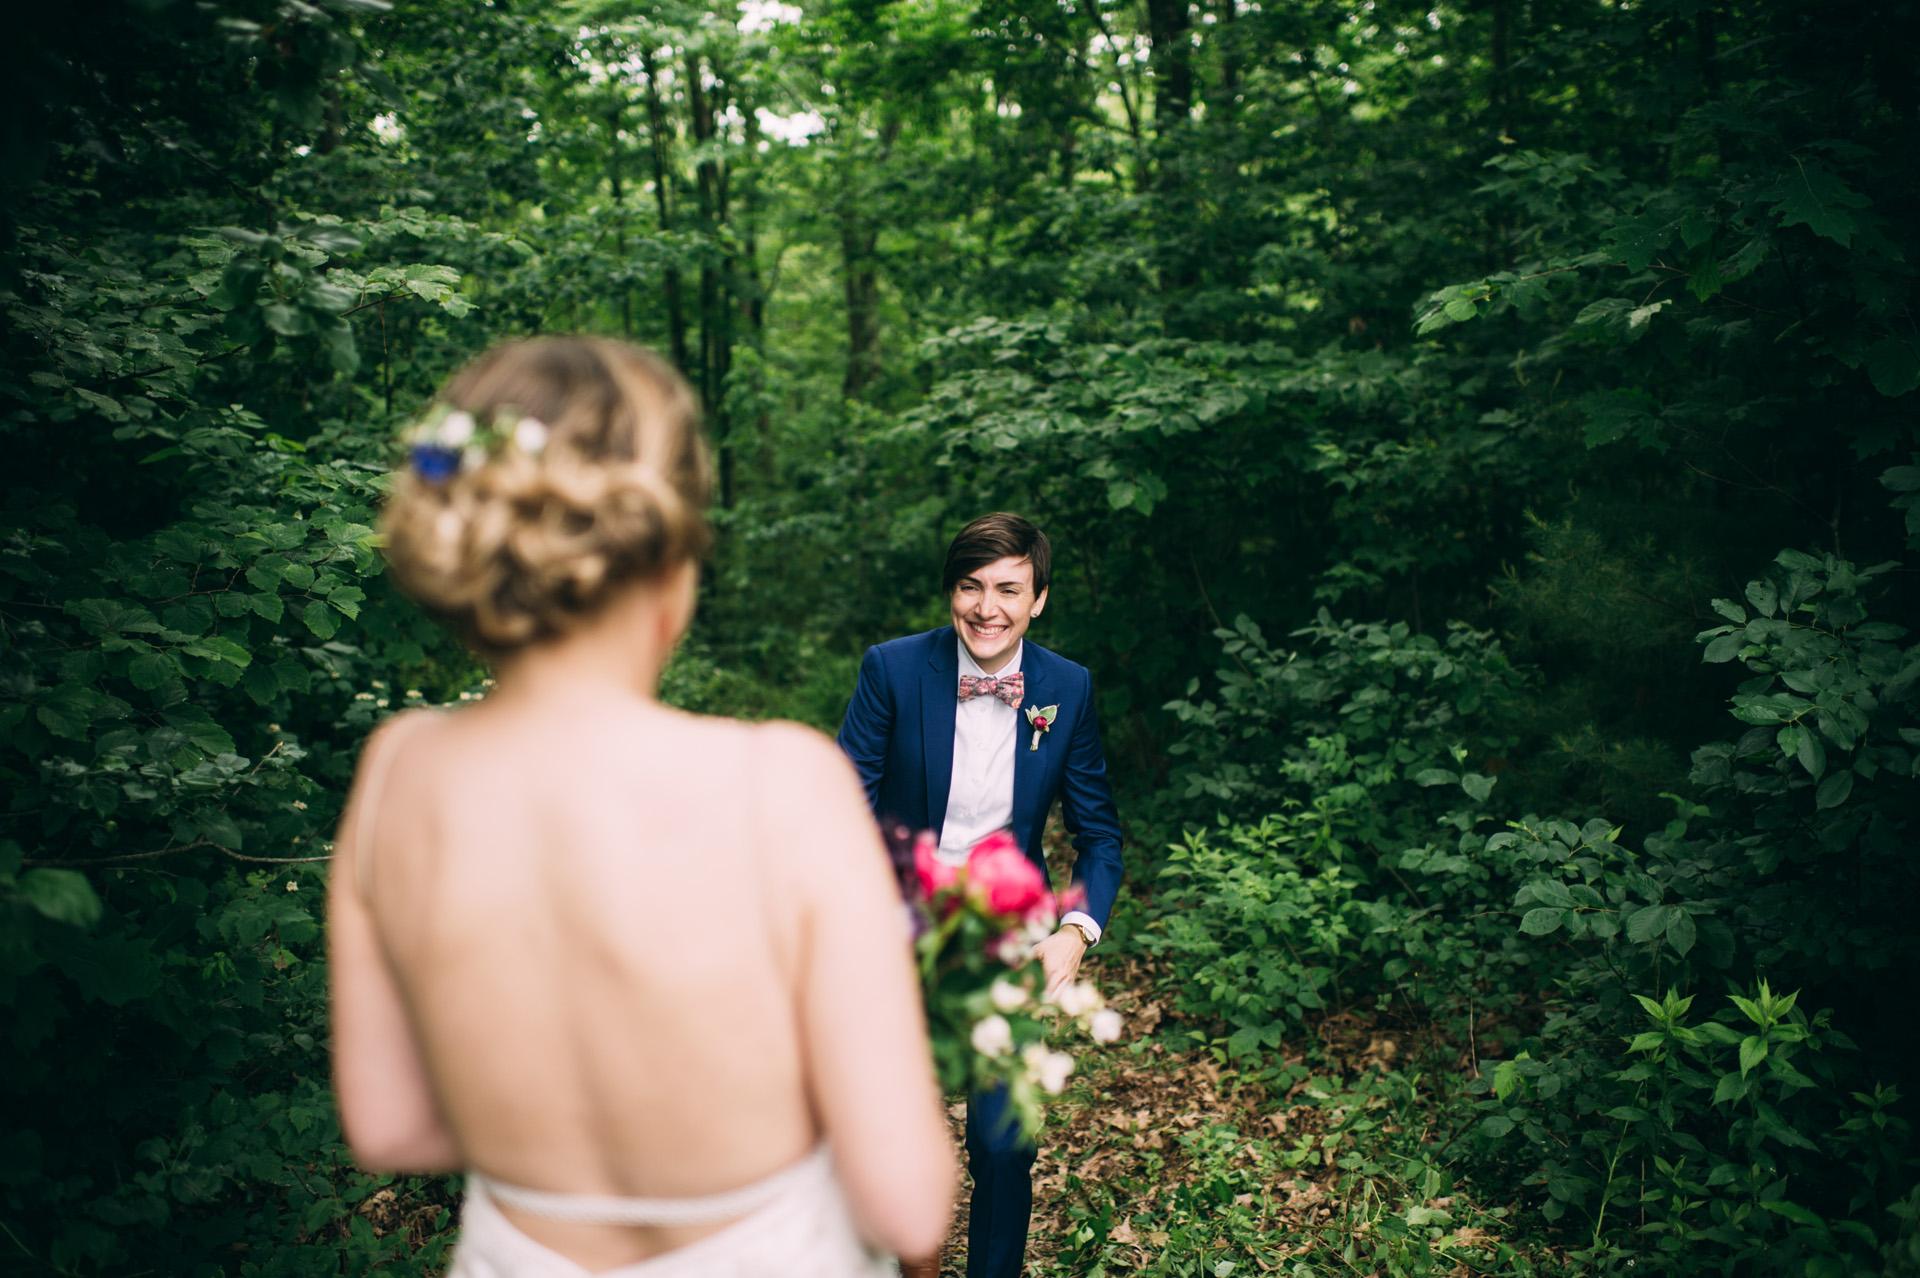 broadturn-farm-wedding-15